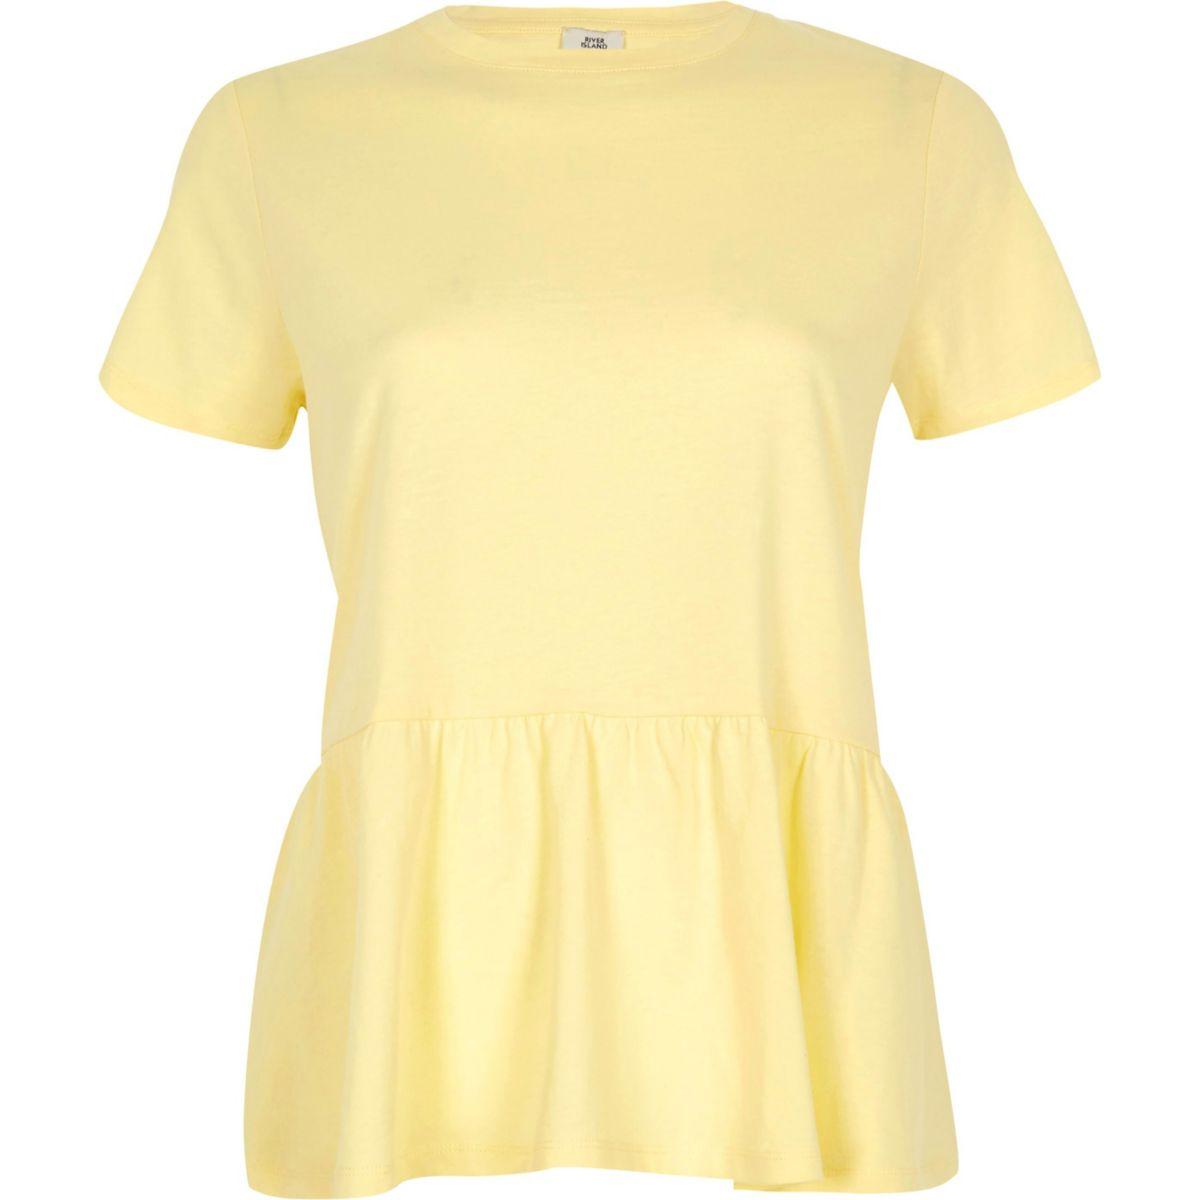 Yellow peplum hem T-shirt